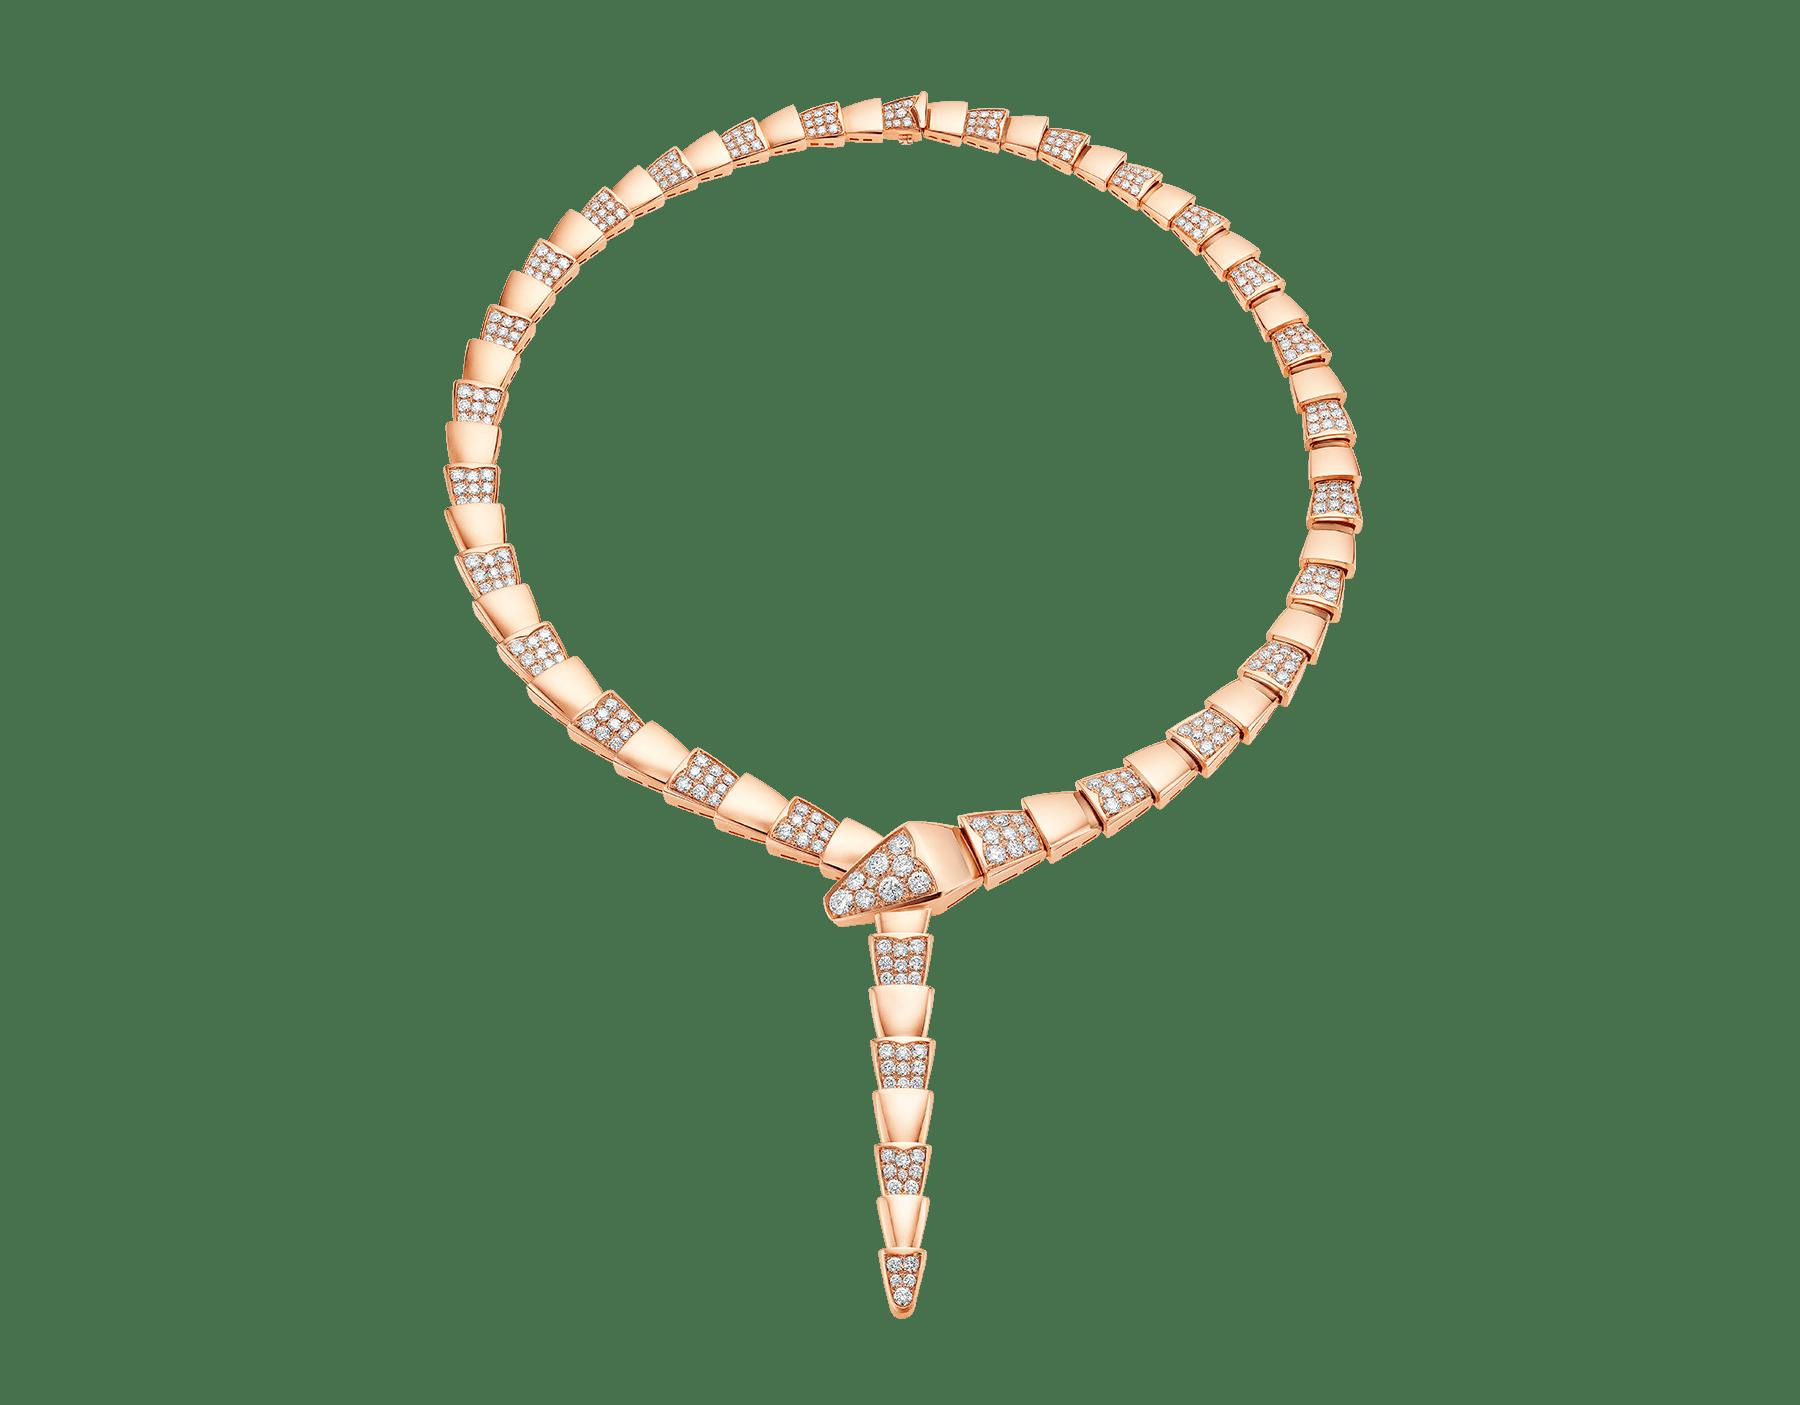 Serpenti Kette aus 18 Karat Roségold, halb ausgefasst mit Diamant-Pavé. 348166 image 1